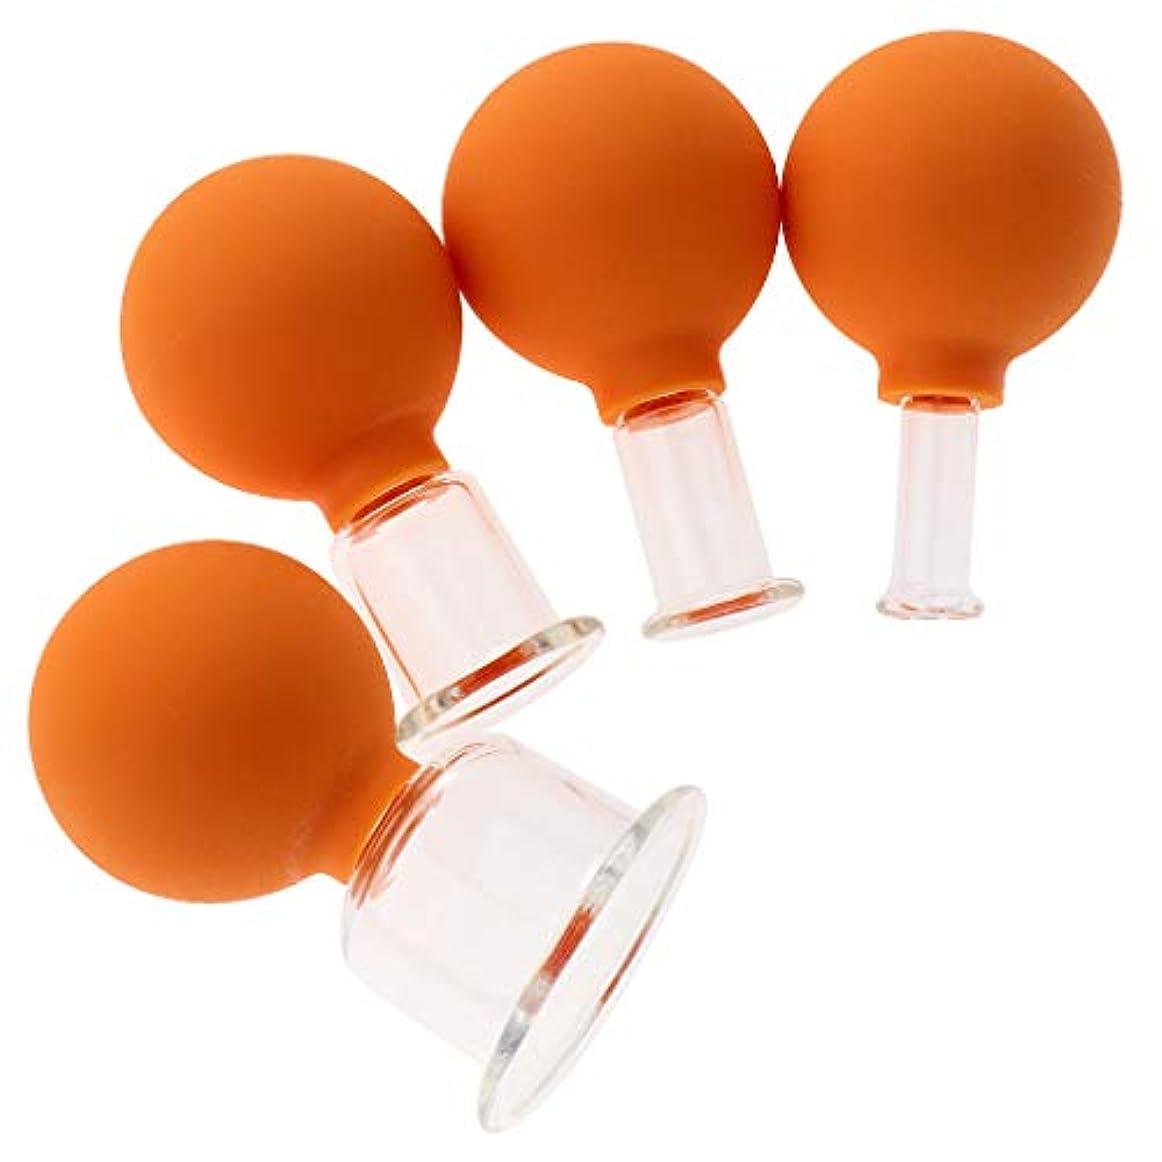 溶けた災害爆発ボディヘッドネック用4バキュームマッサージカップアンチセルライトガラスカップのセット - オレンジ